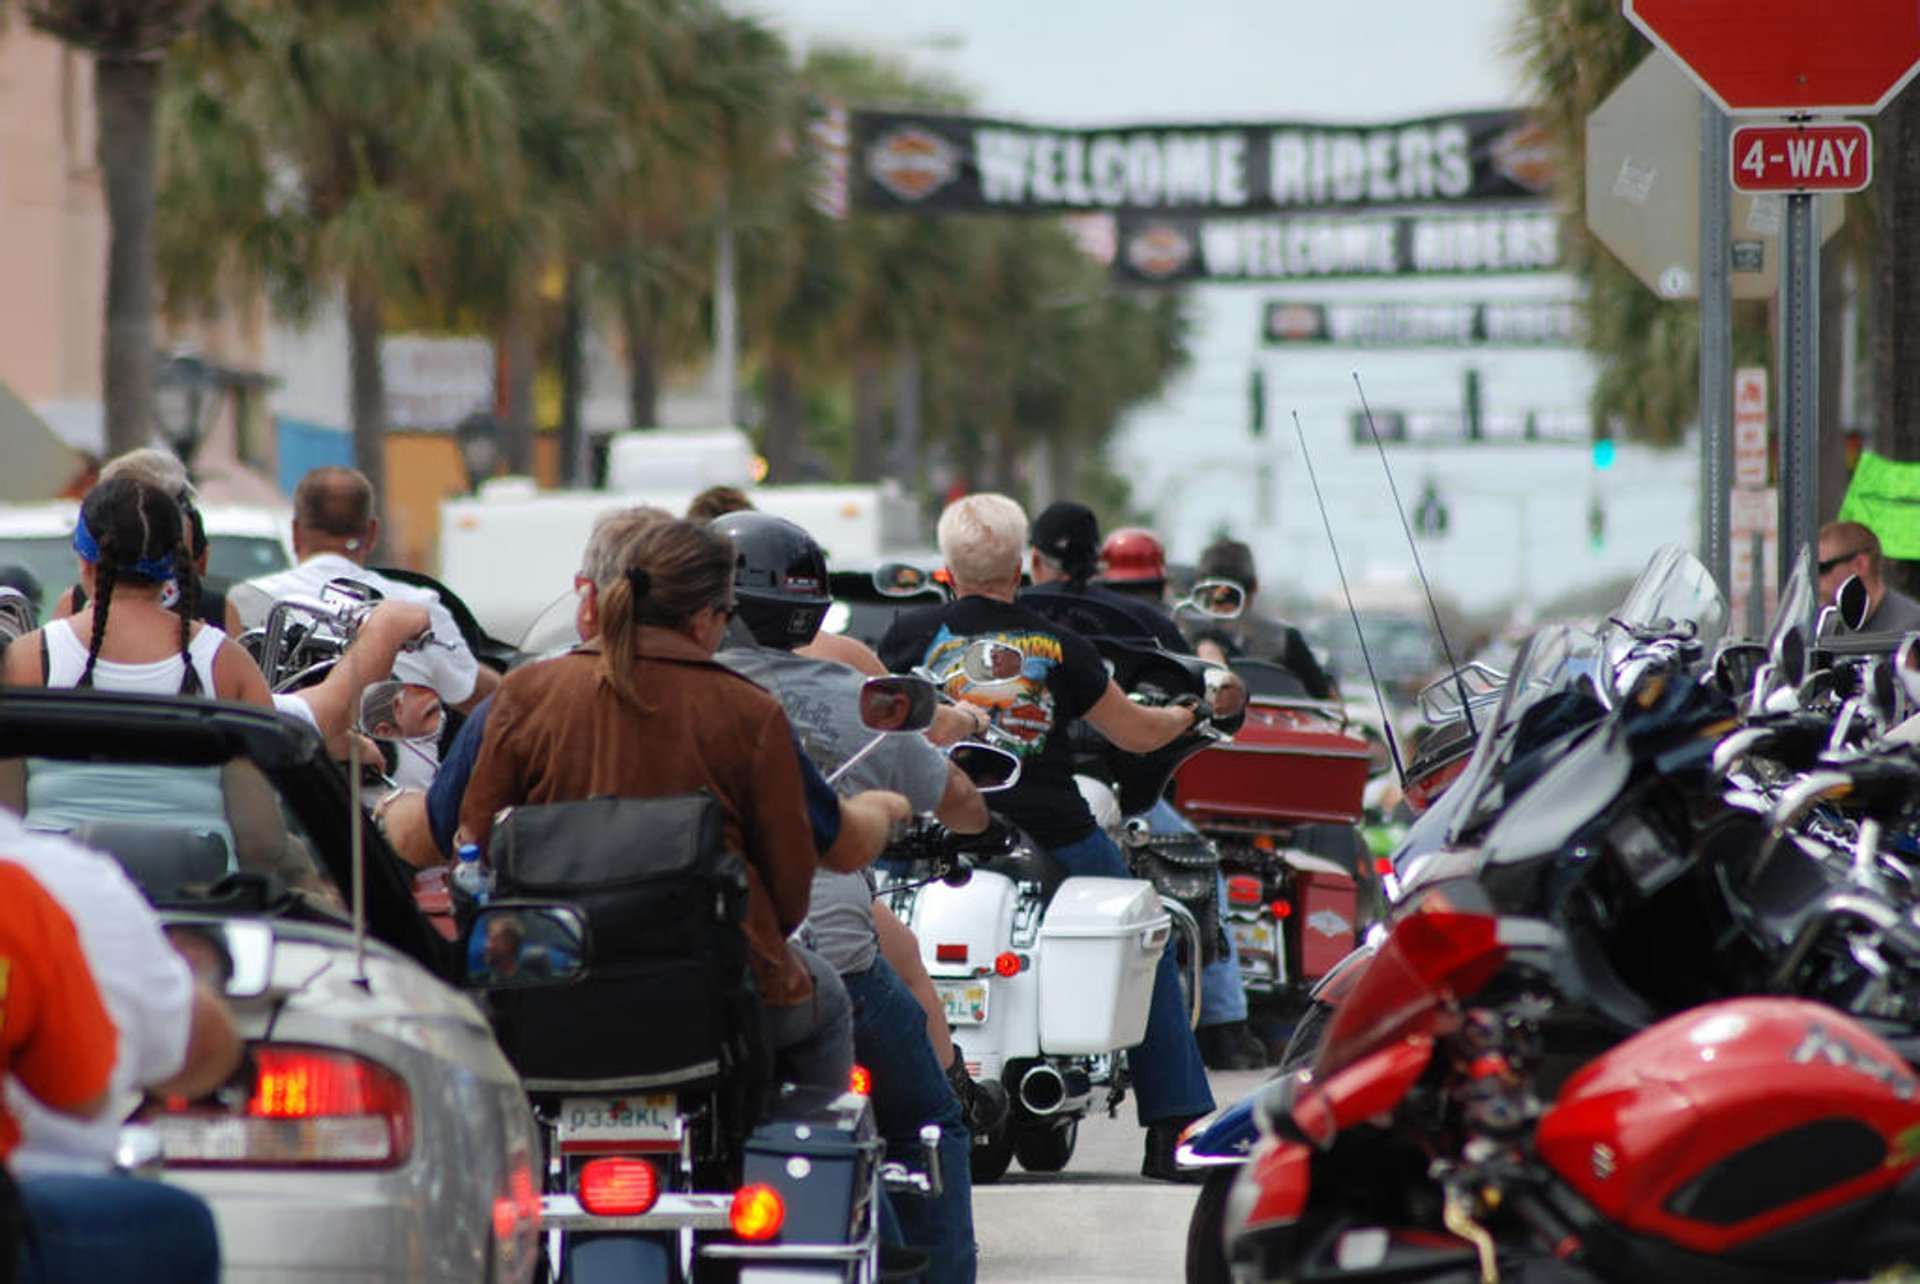 Best time to see Daytona Beach Bike Week 2019